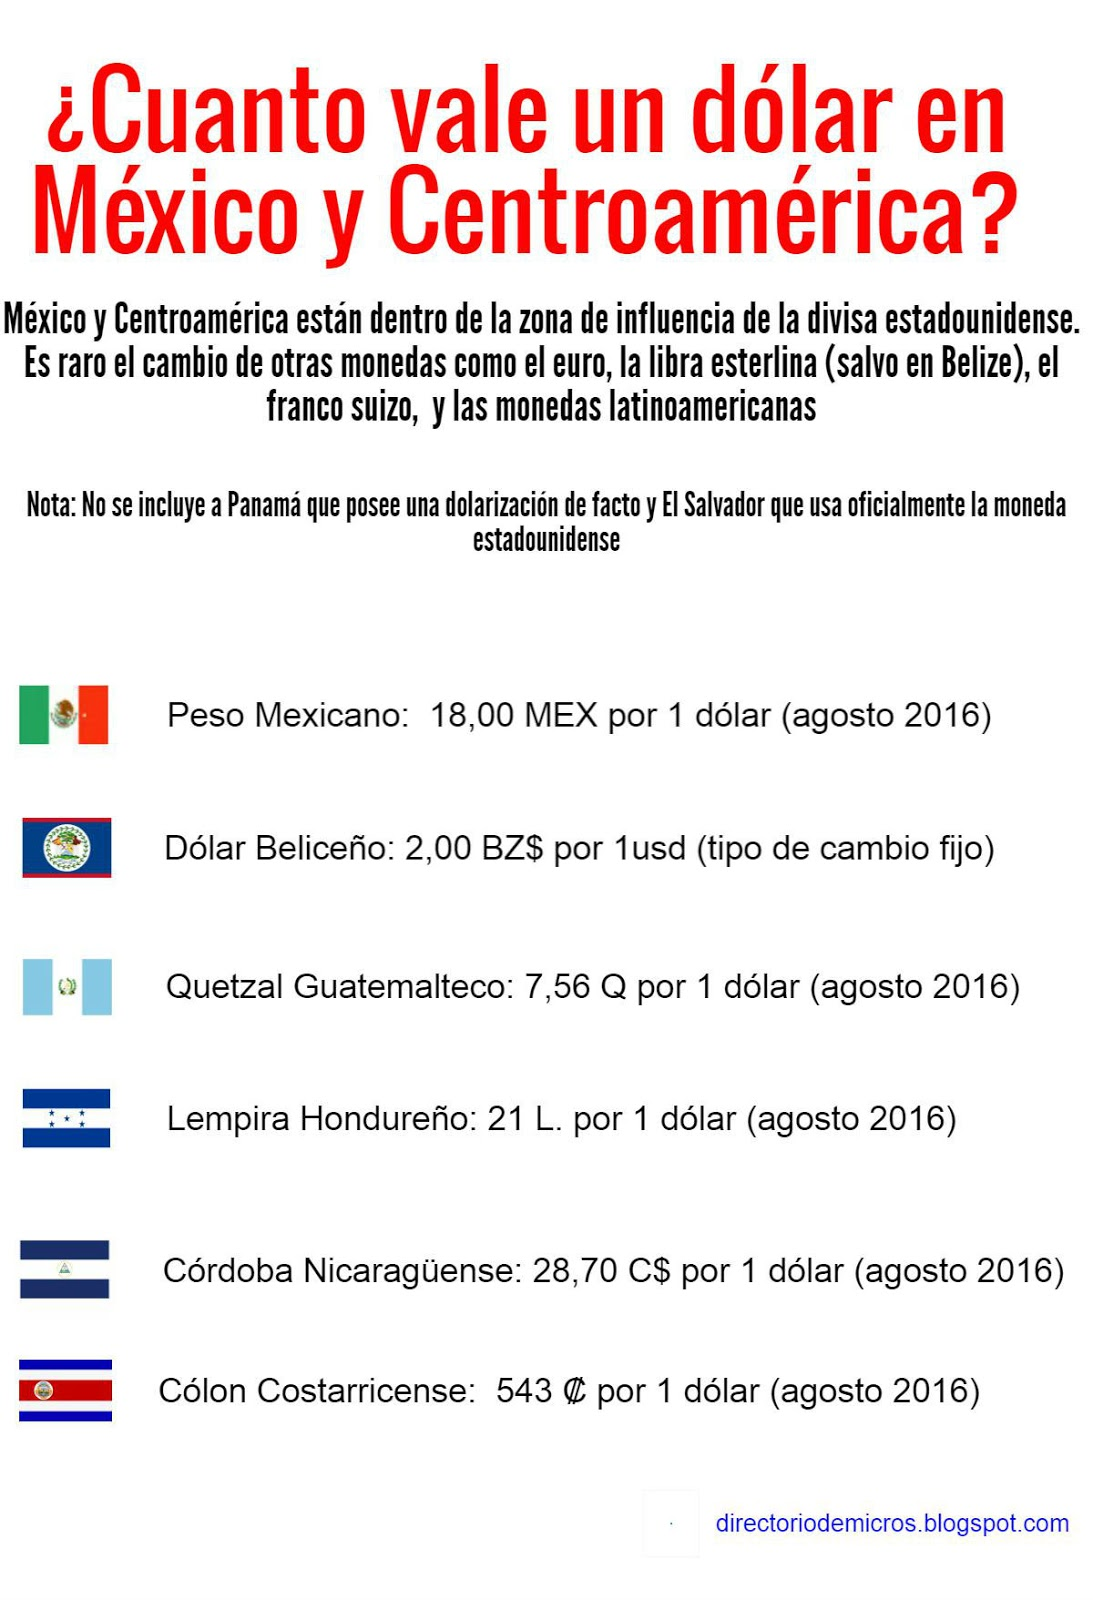 Cuanto Vale Un Dólar En México Y Centroamérica Una Buena Pregunta Cuando Se Viaja Por El Df Cancún Roatán Dandriga Belize City Antigua Guatemala